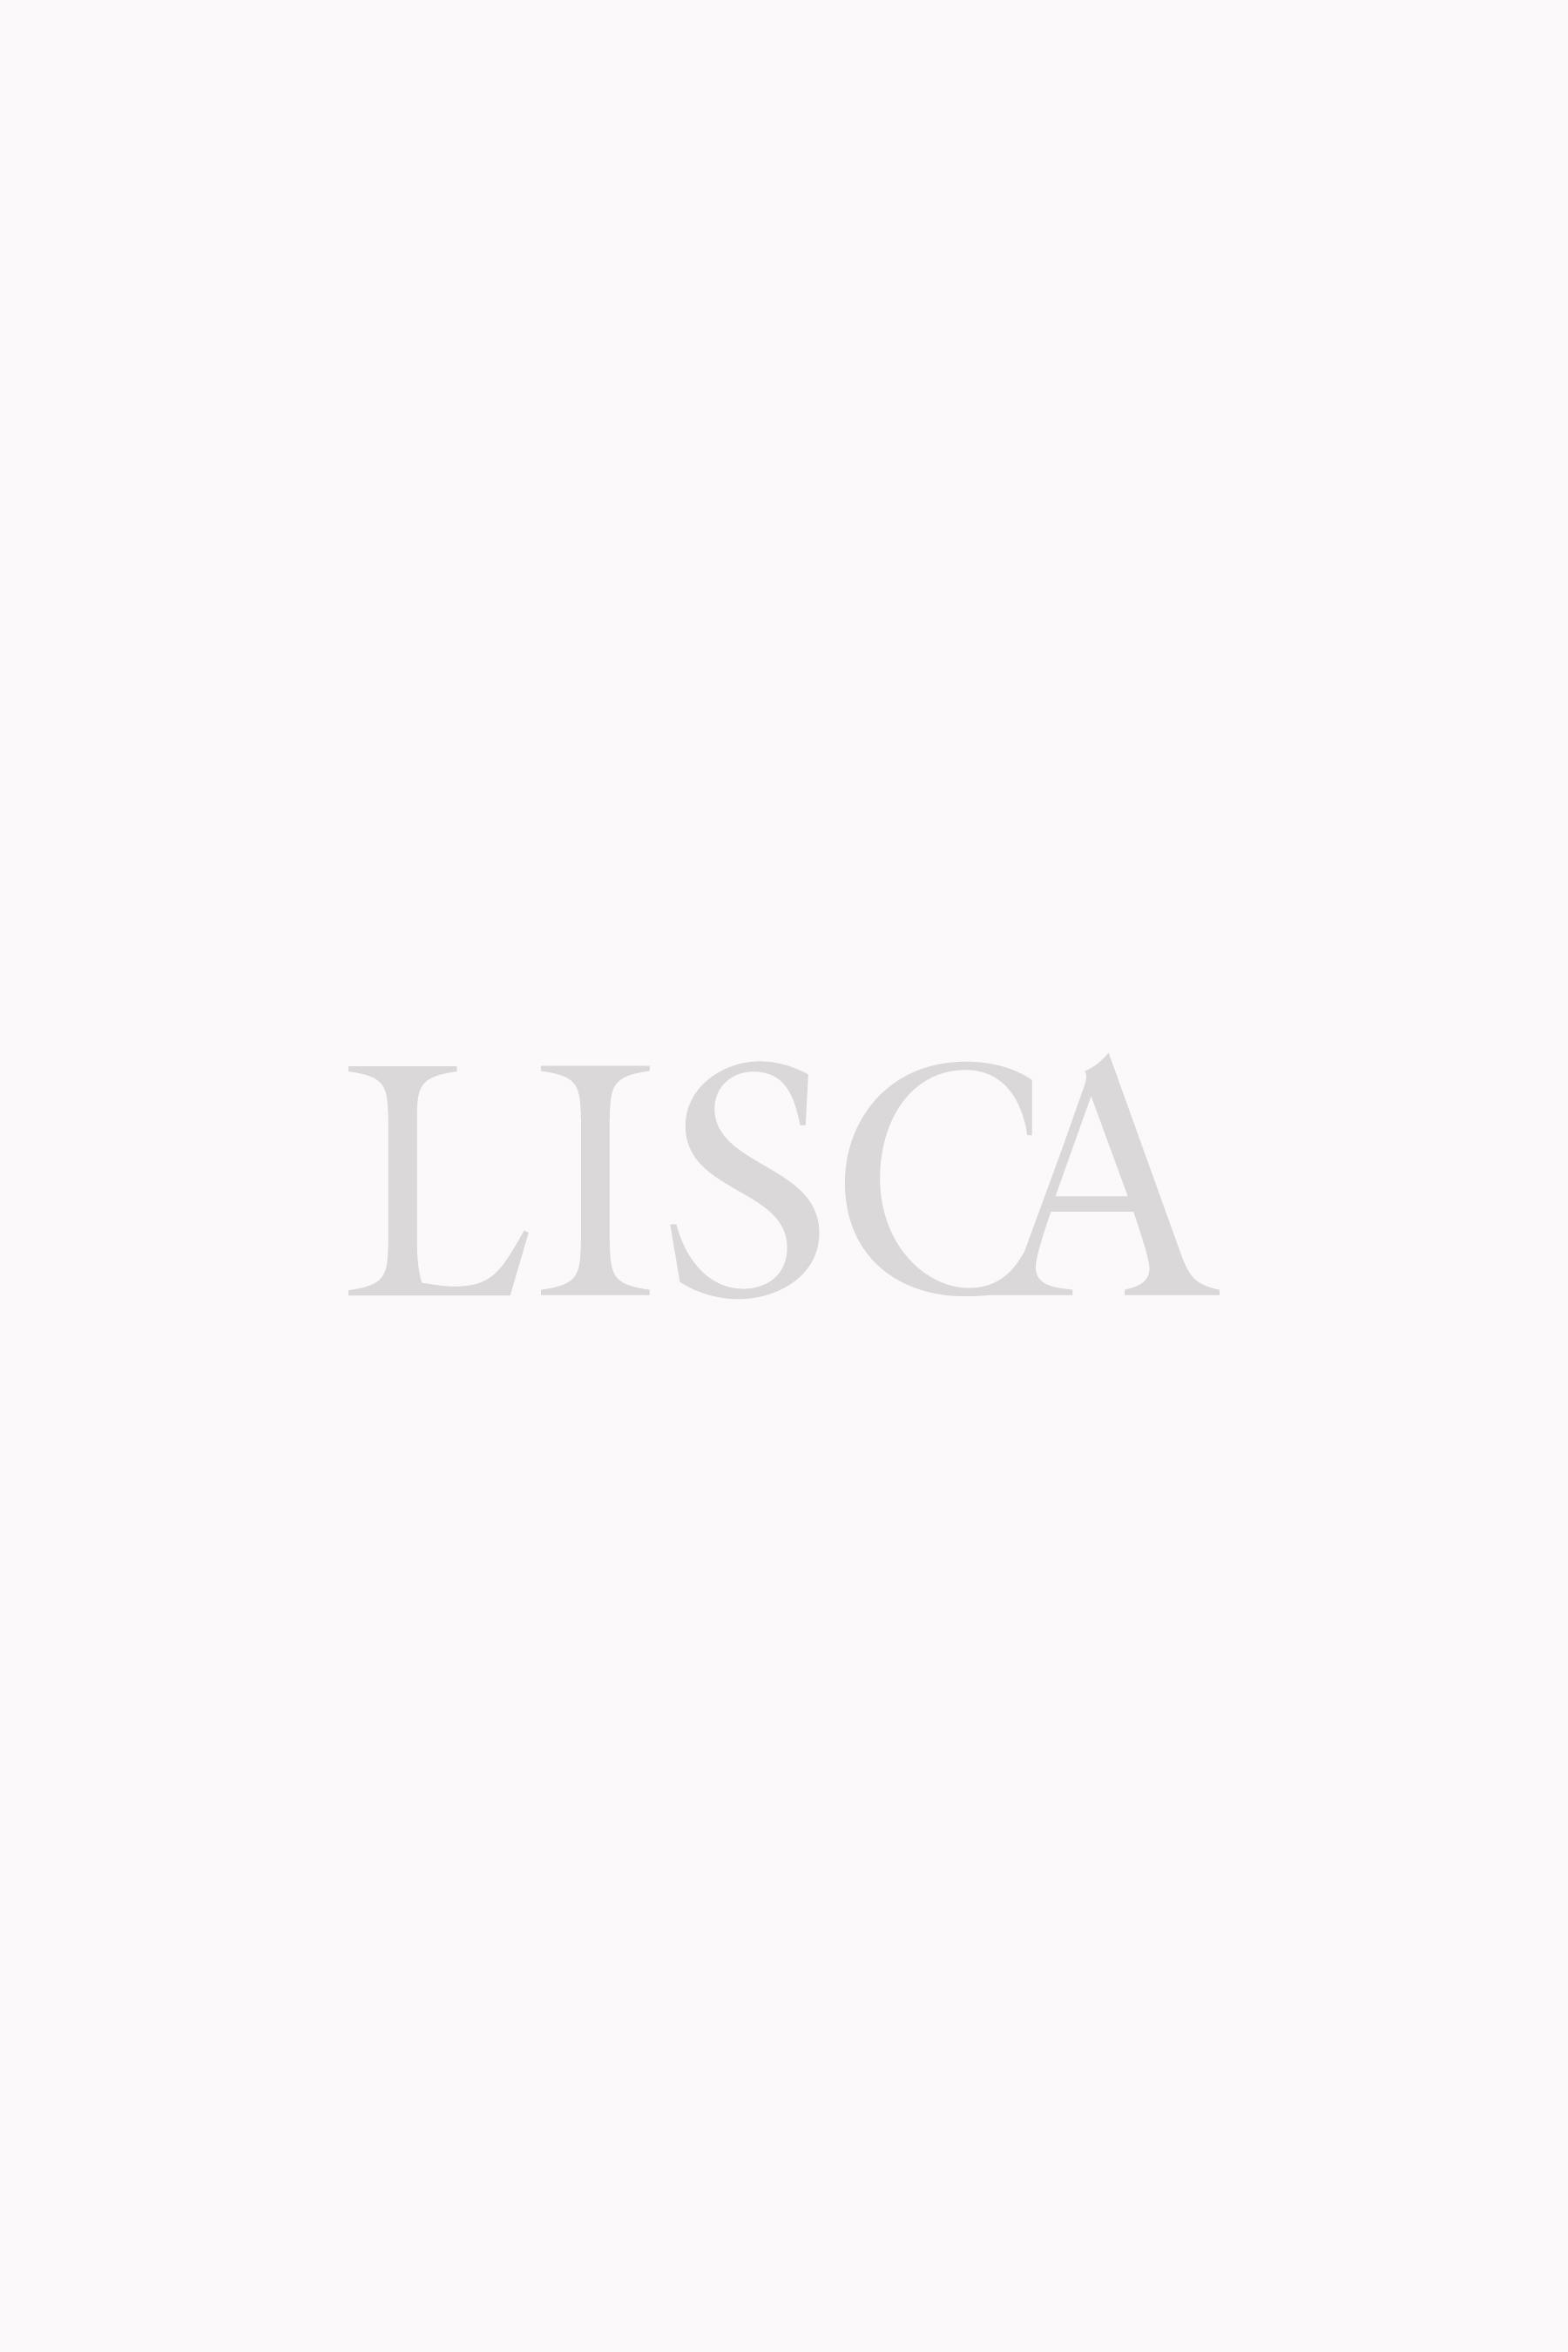 """Високи гаќички """"Gran Canaria"""" - костим за капење"""